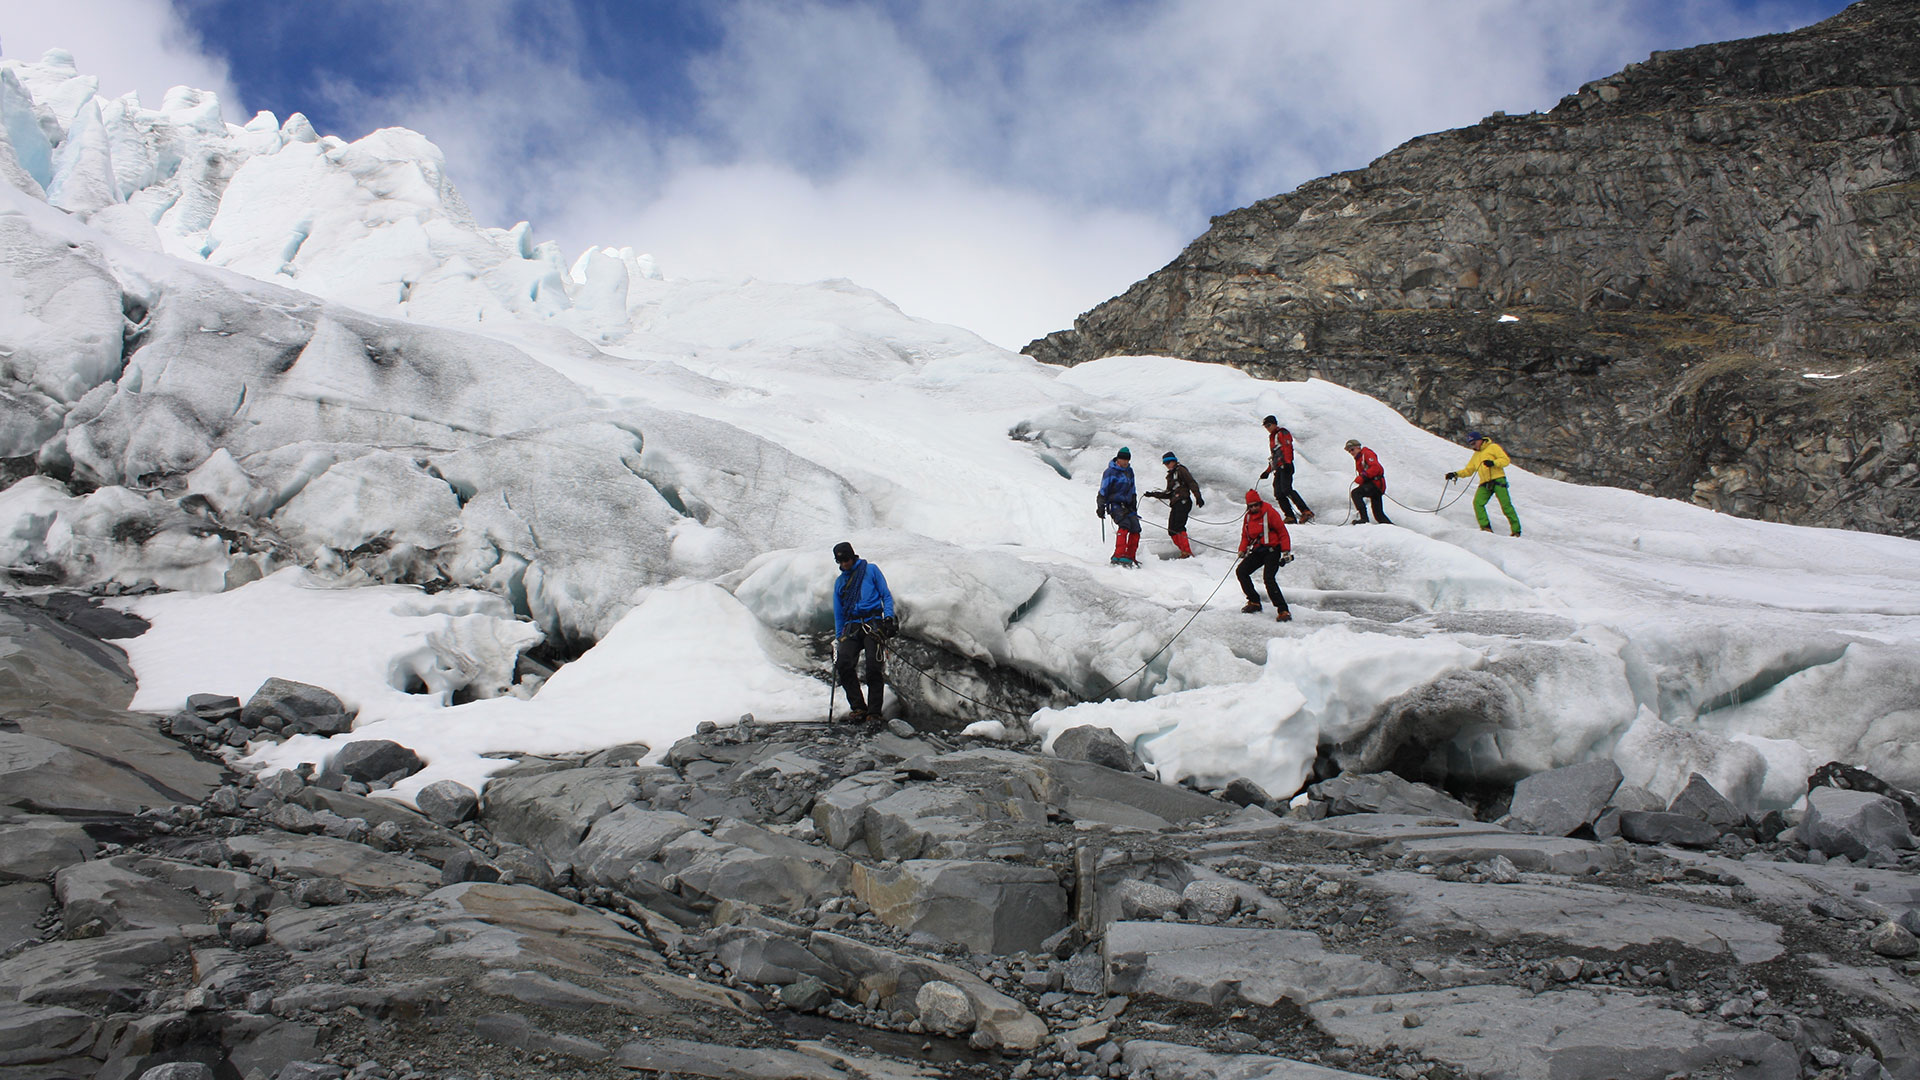 Vandring på isbre